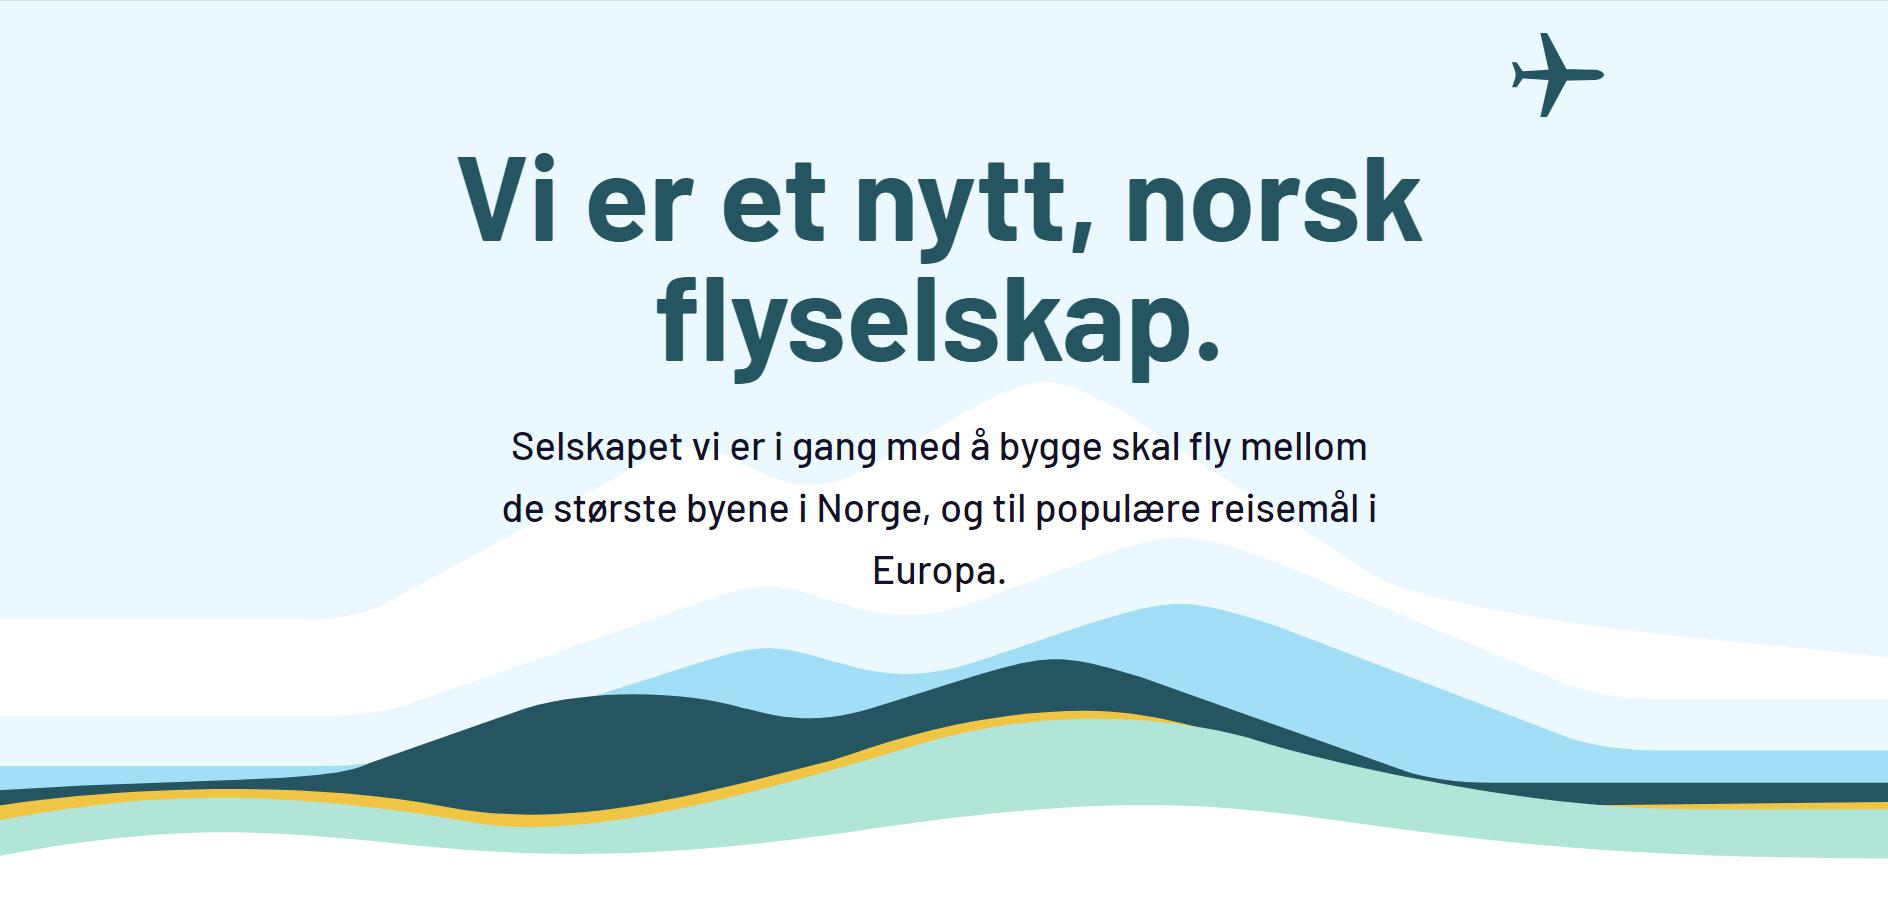 Det kommende norske flyselskab kan indtil videre findes på nyttflyselskap.no.